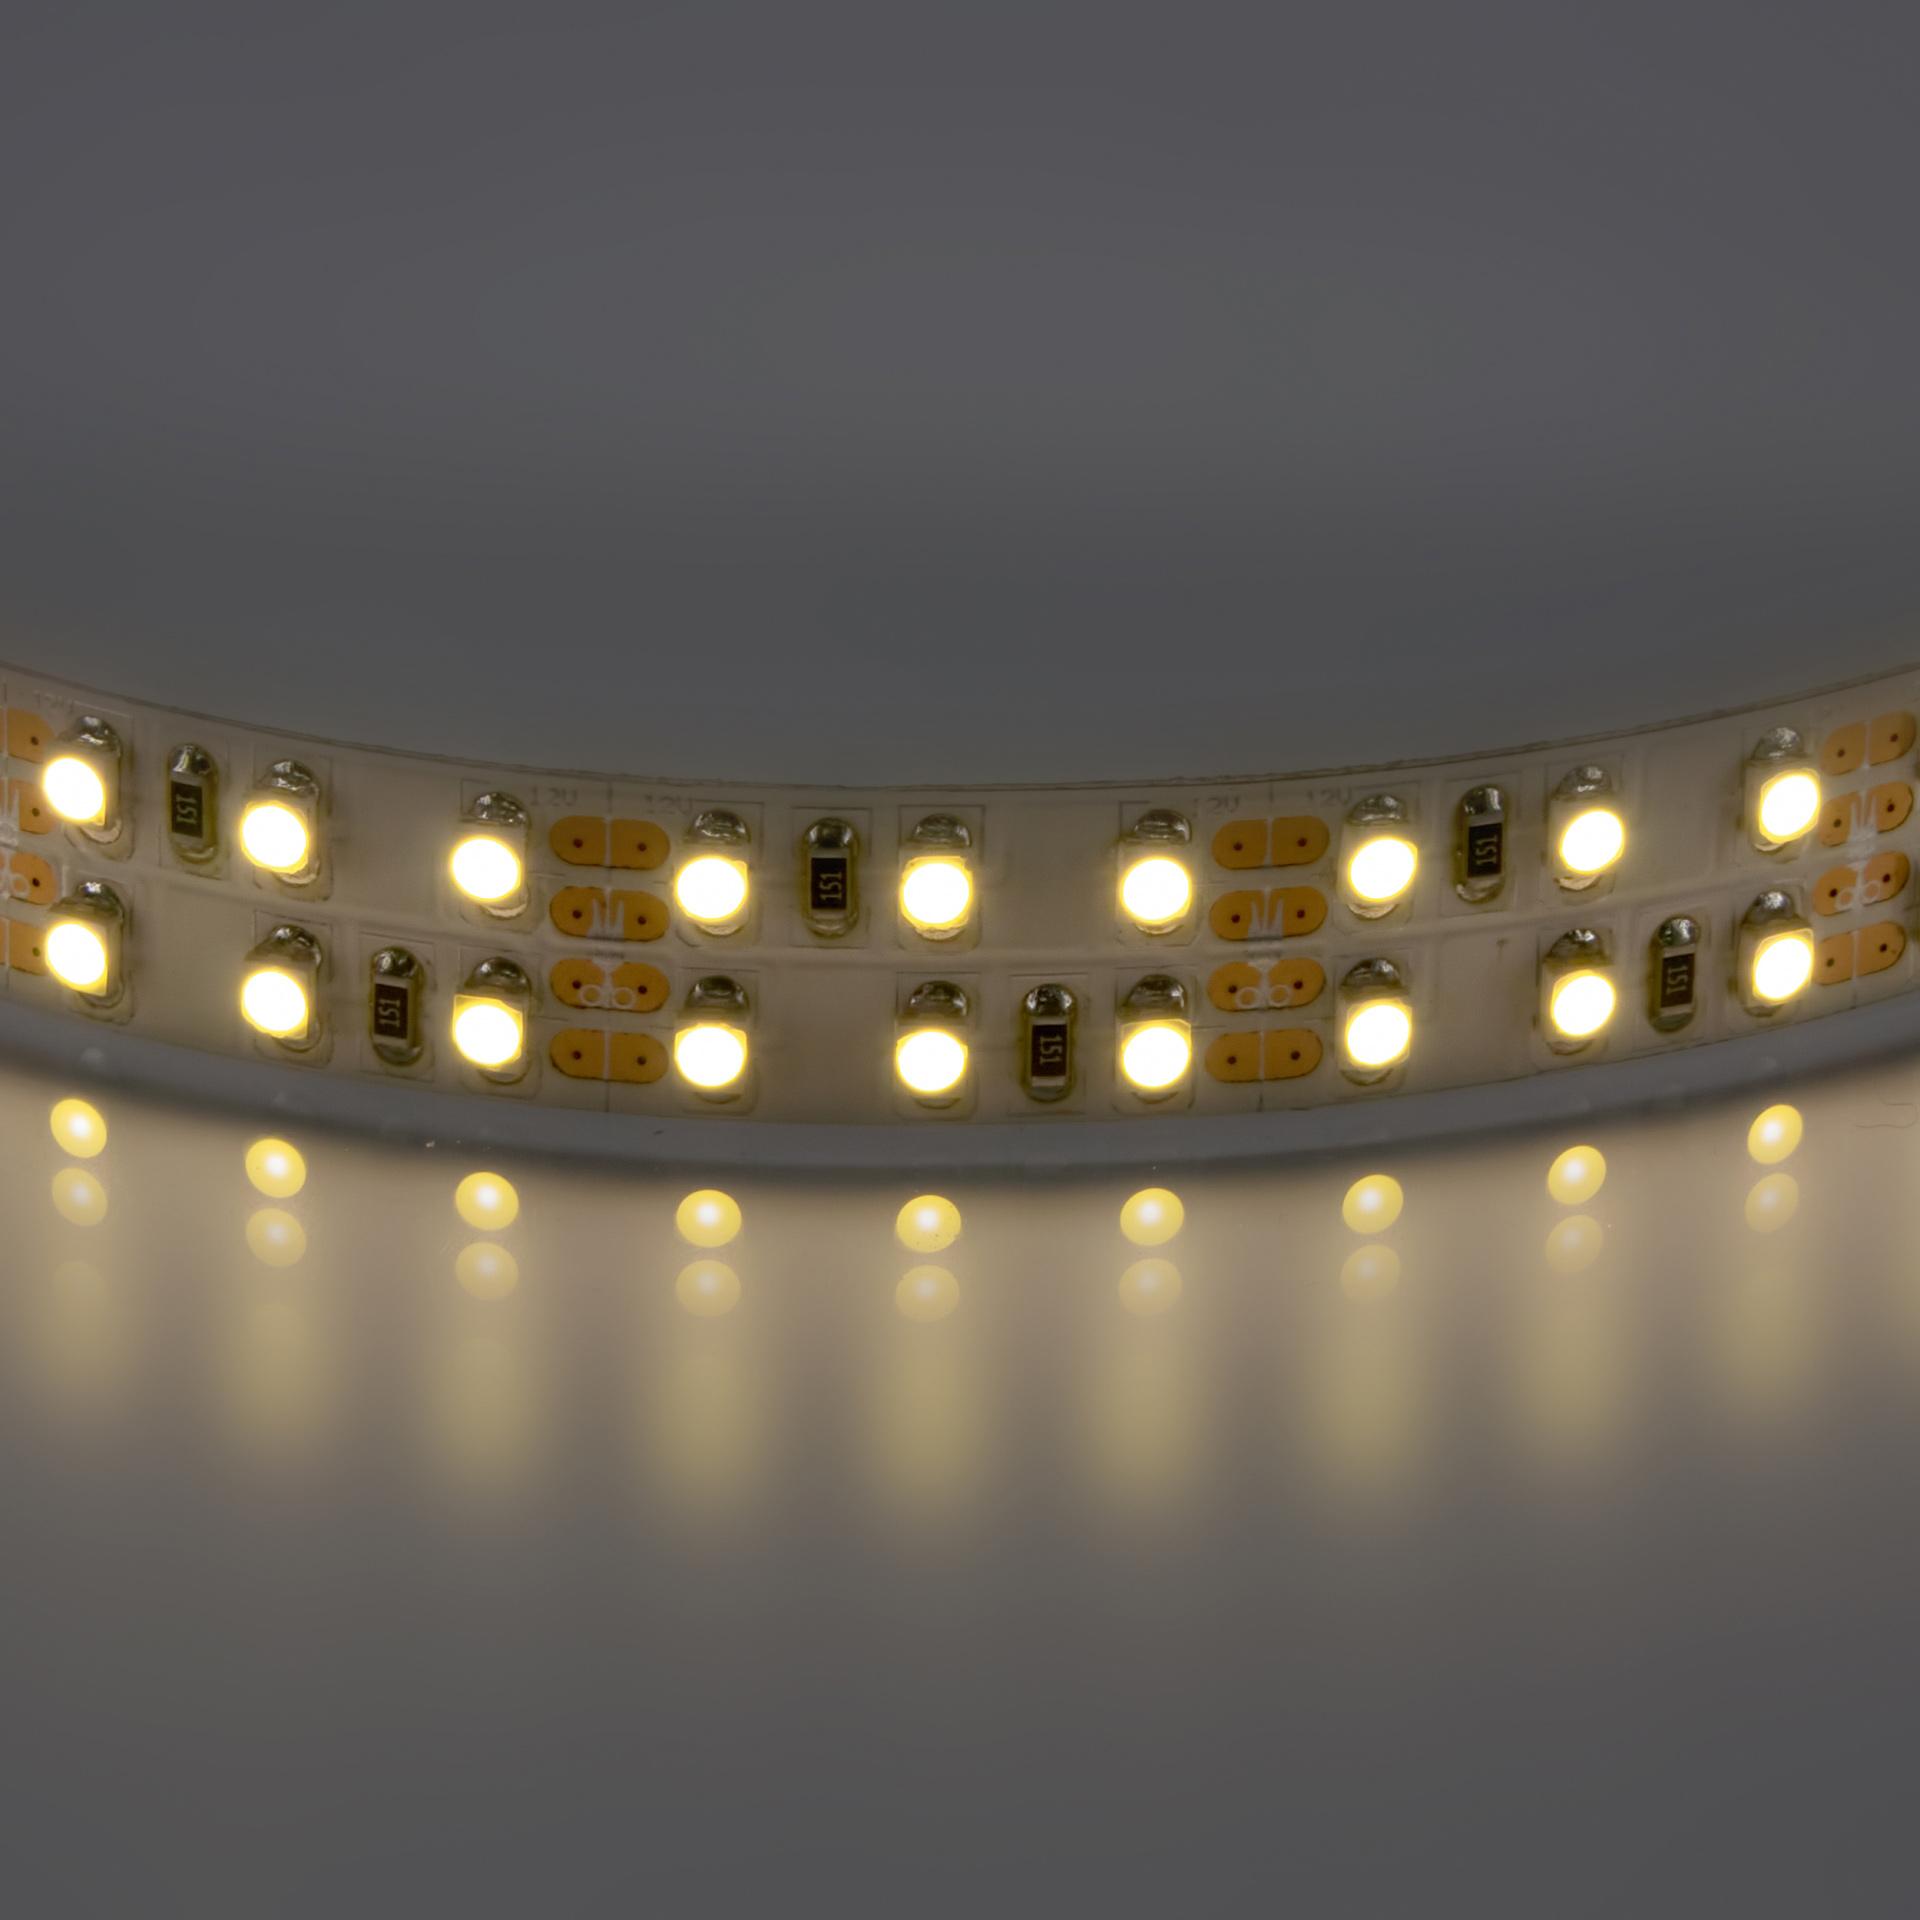 Лента 3528 LED 12V 19.2W 2700K-3000K 100m теплый белый свет Lightstar 400022, купить в СПб, Москве, с доставкой, Санкт-Петербург, интернет-магазин люстр и светильников Starlight, фото в жизни